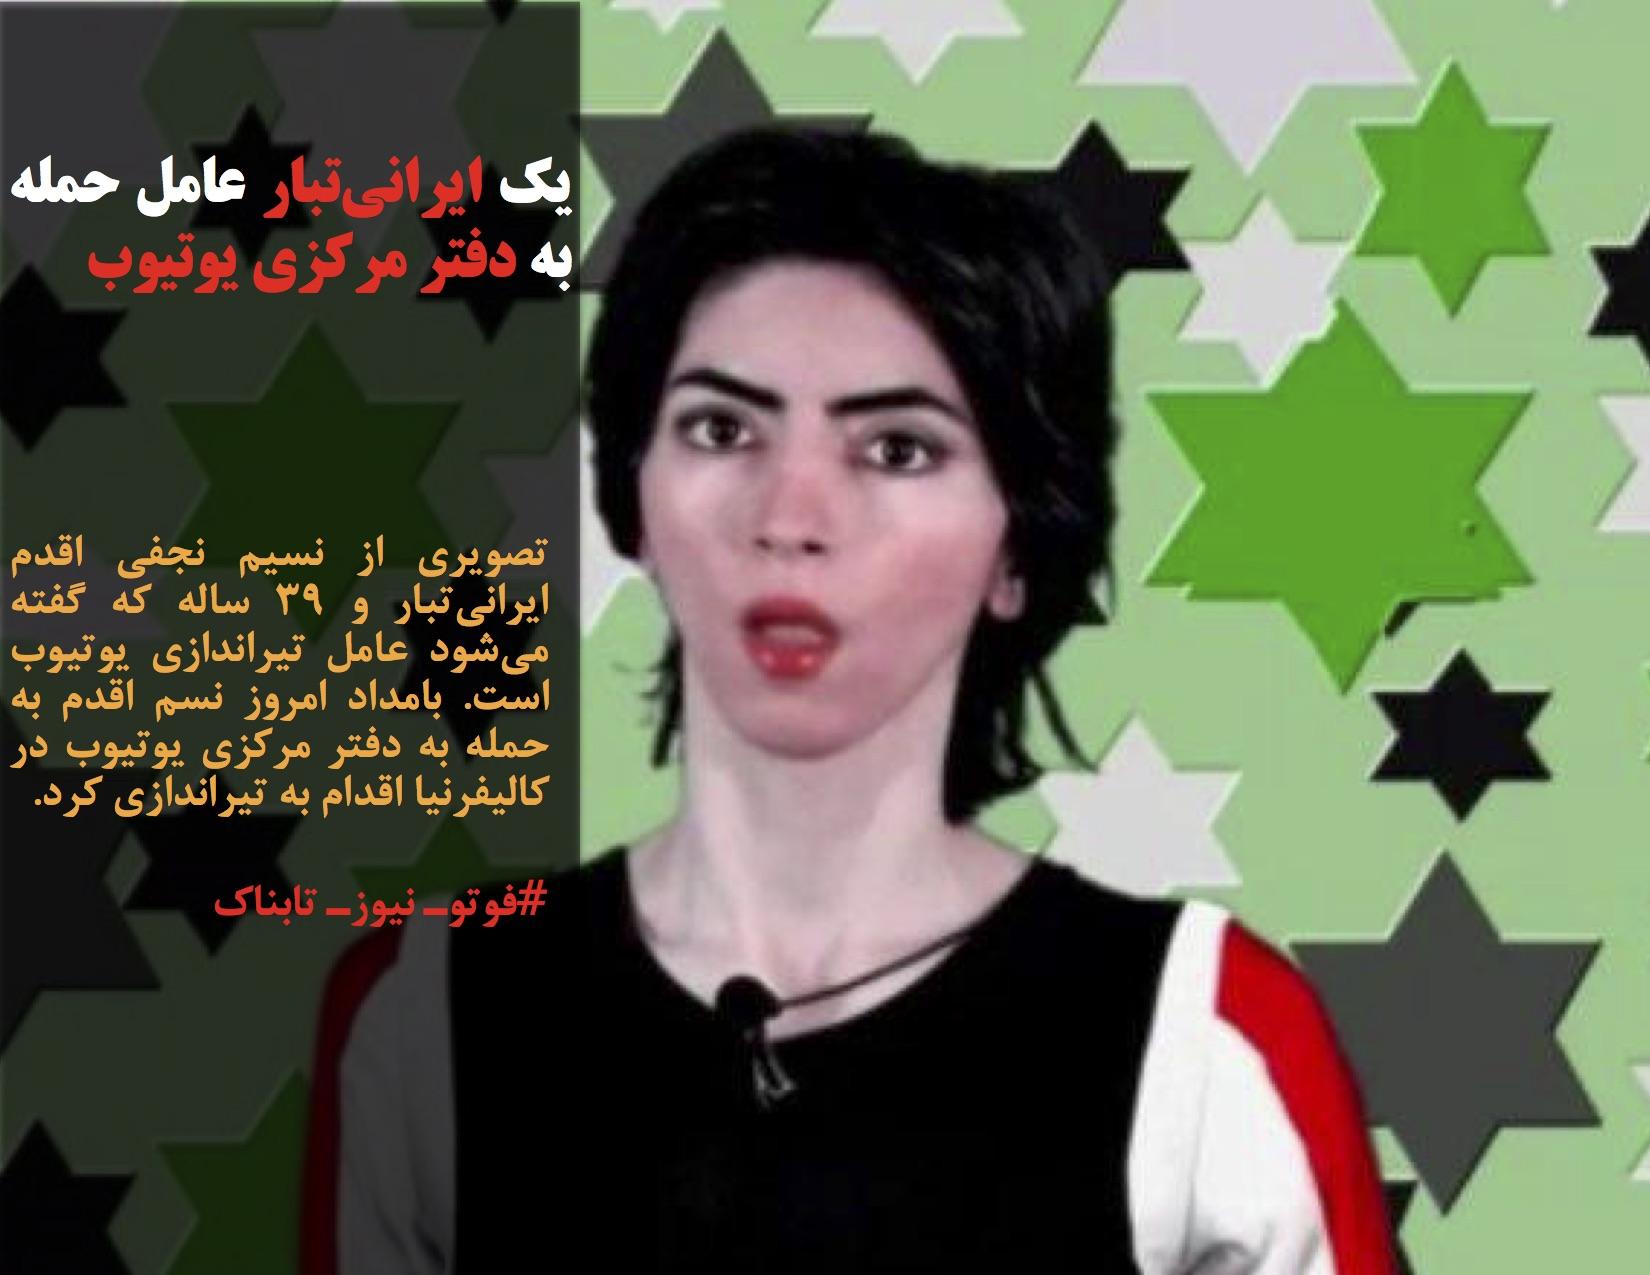 یک ایرانیتبار عامل حمله به دفتر مرکزی یوتیوب